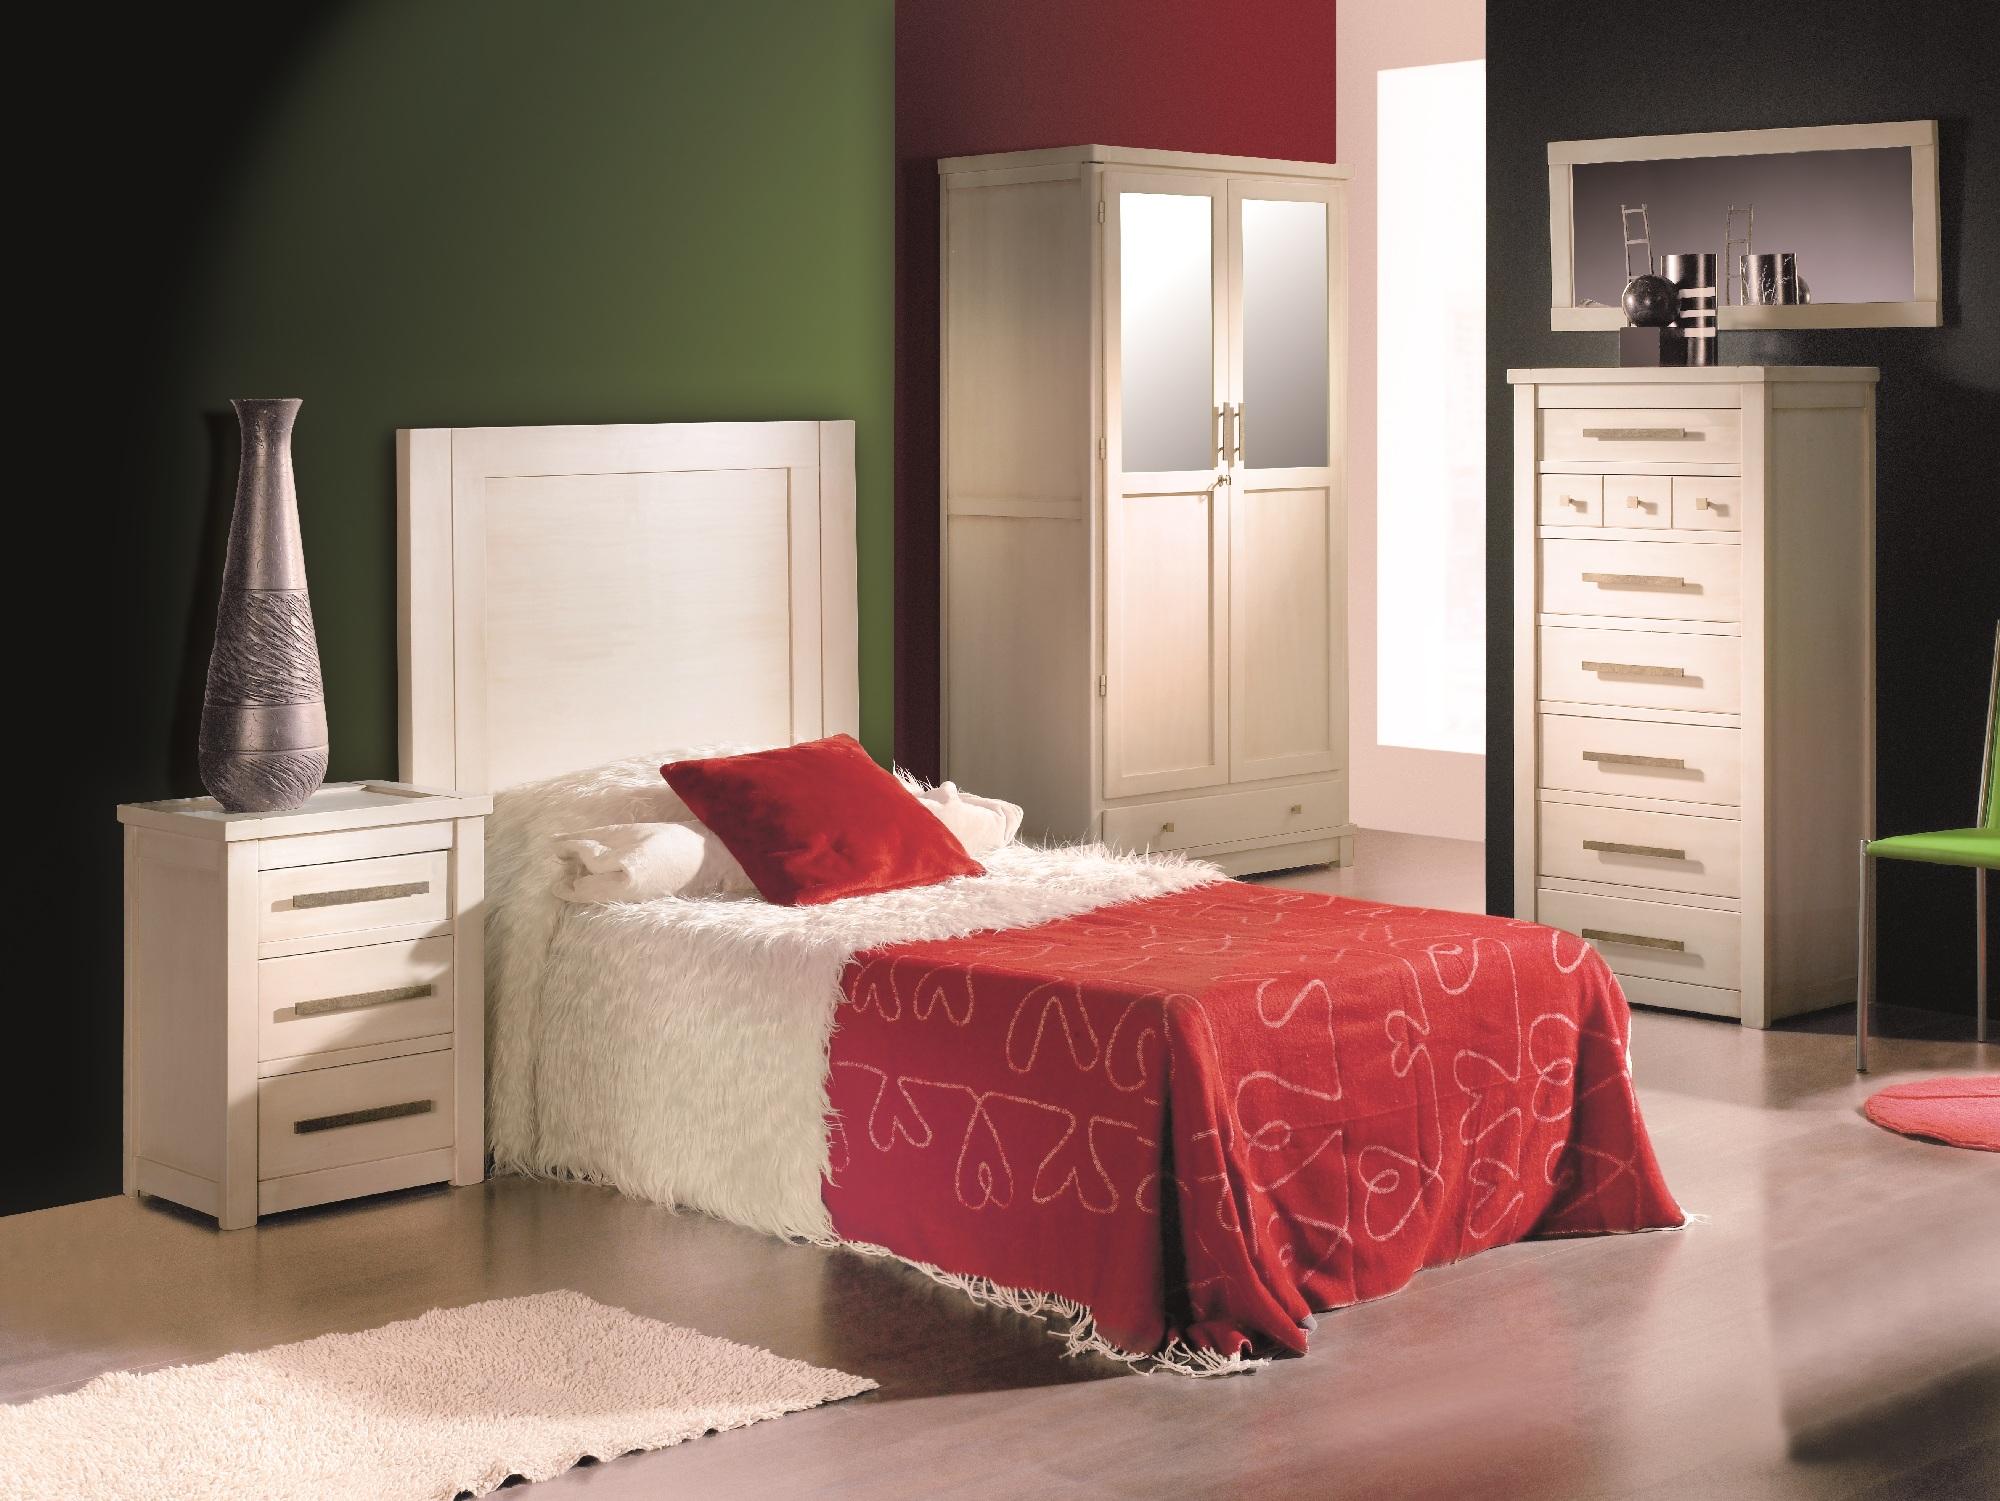 Dormitorios muebles cardenas for Muebles cardenas